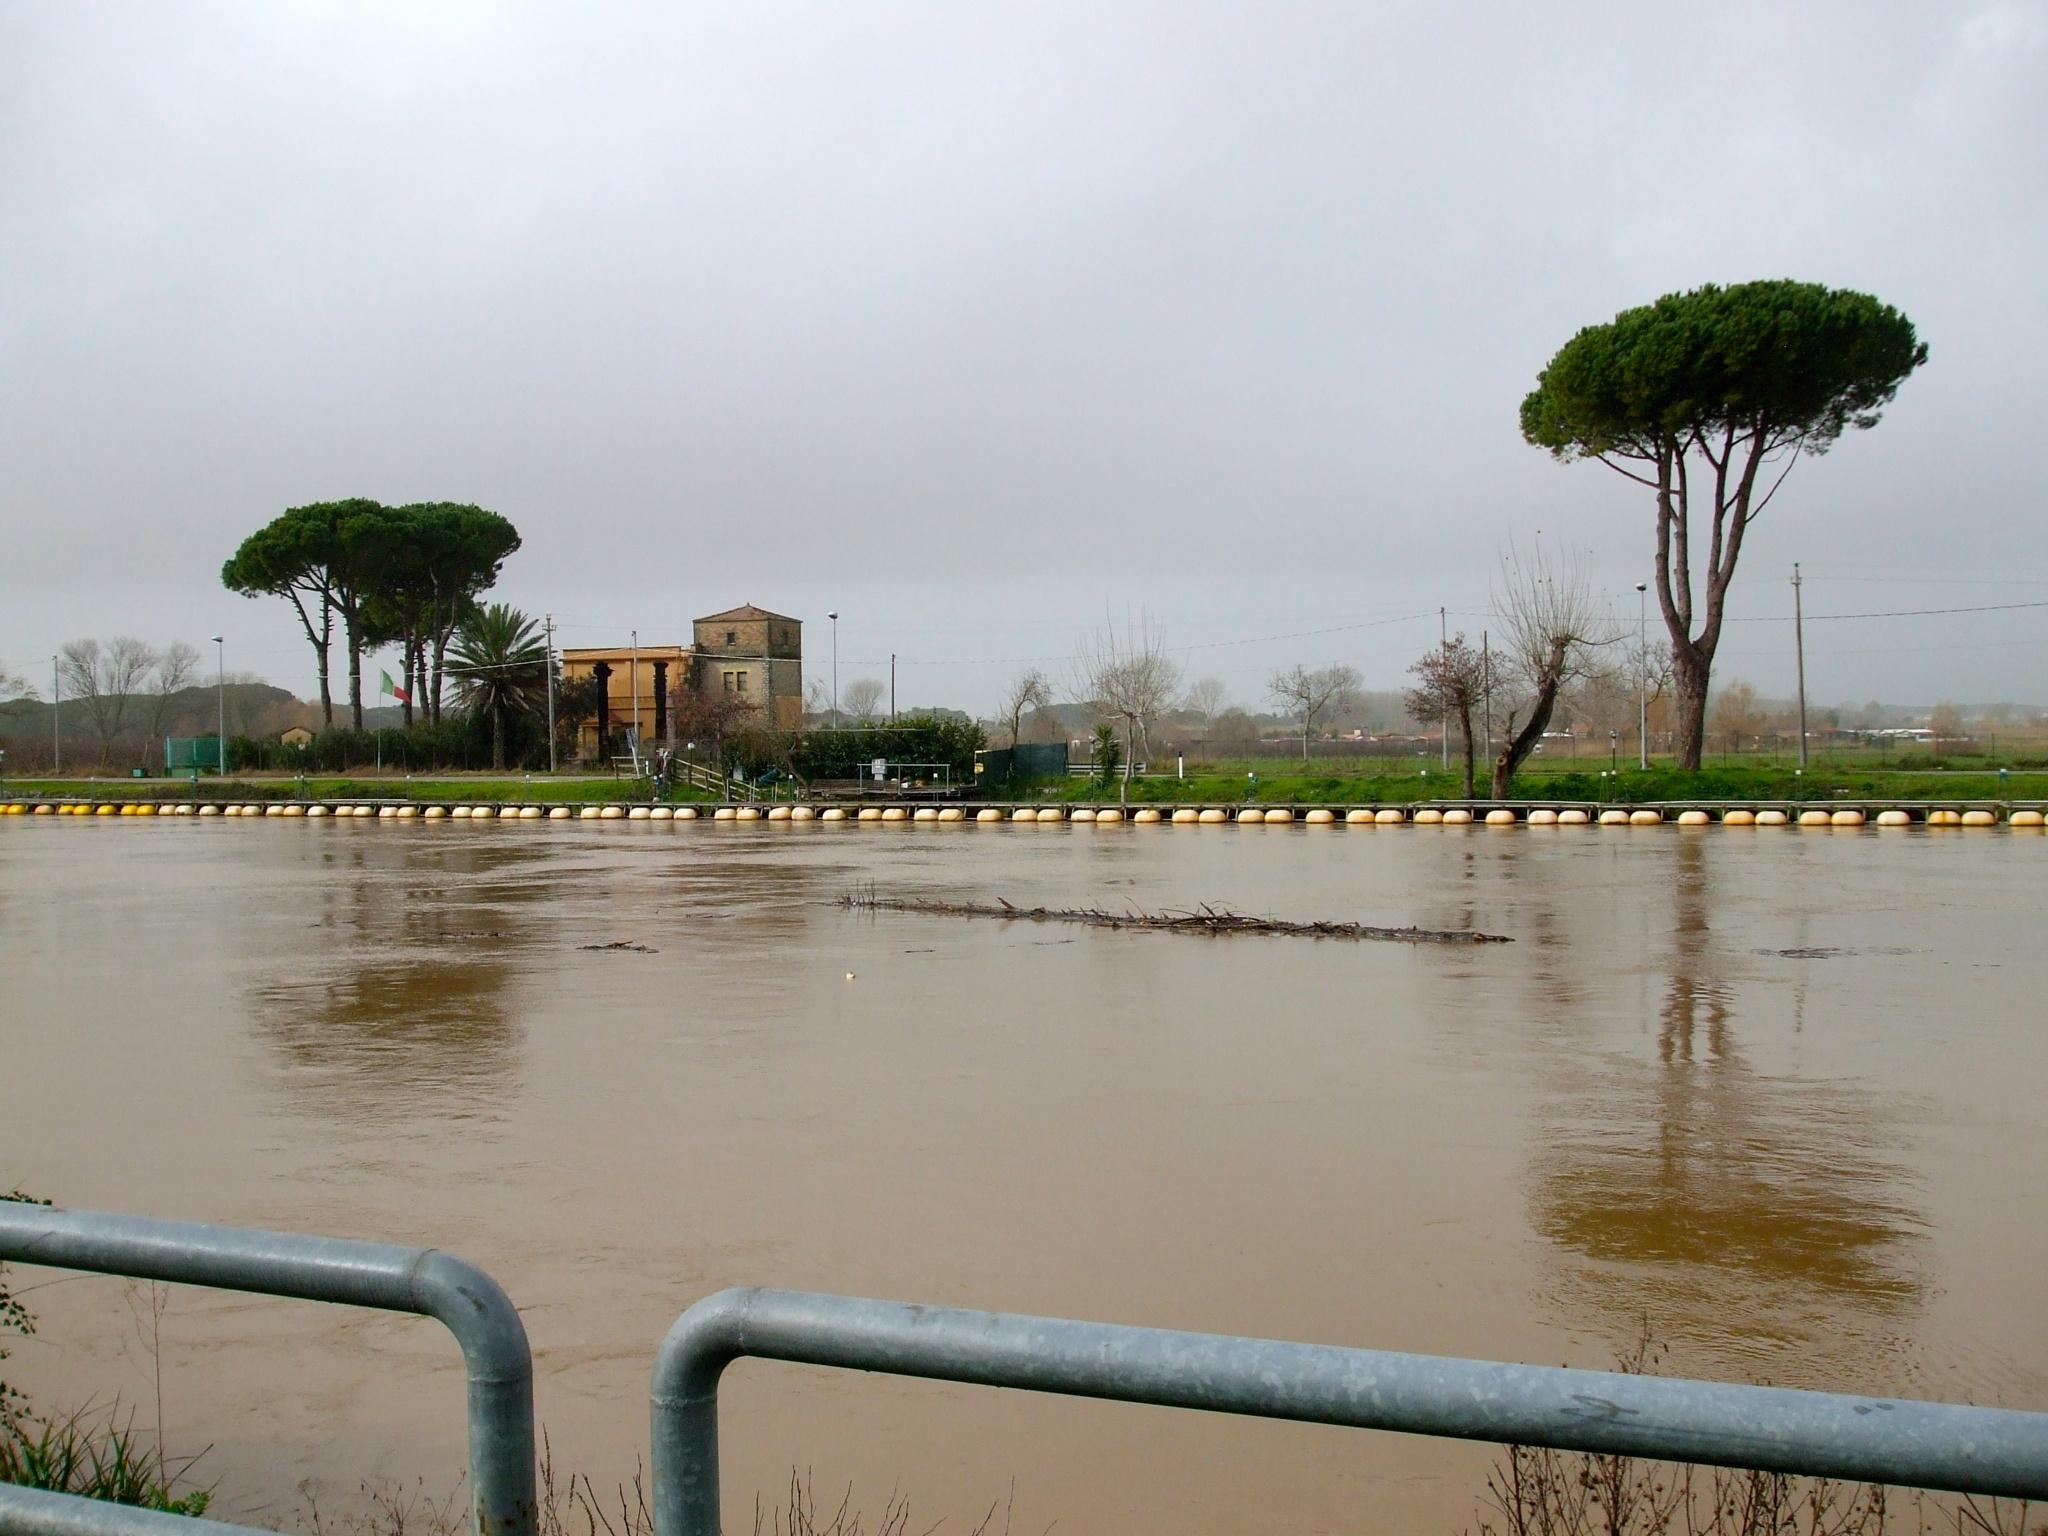 La piena del fiume by Salvatore Bertolino